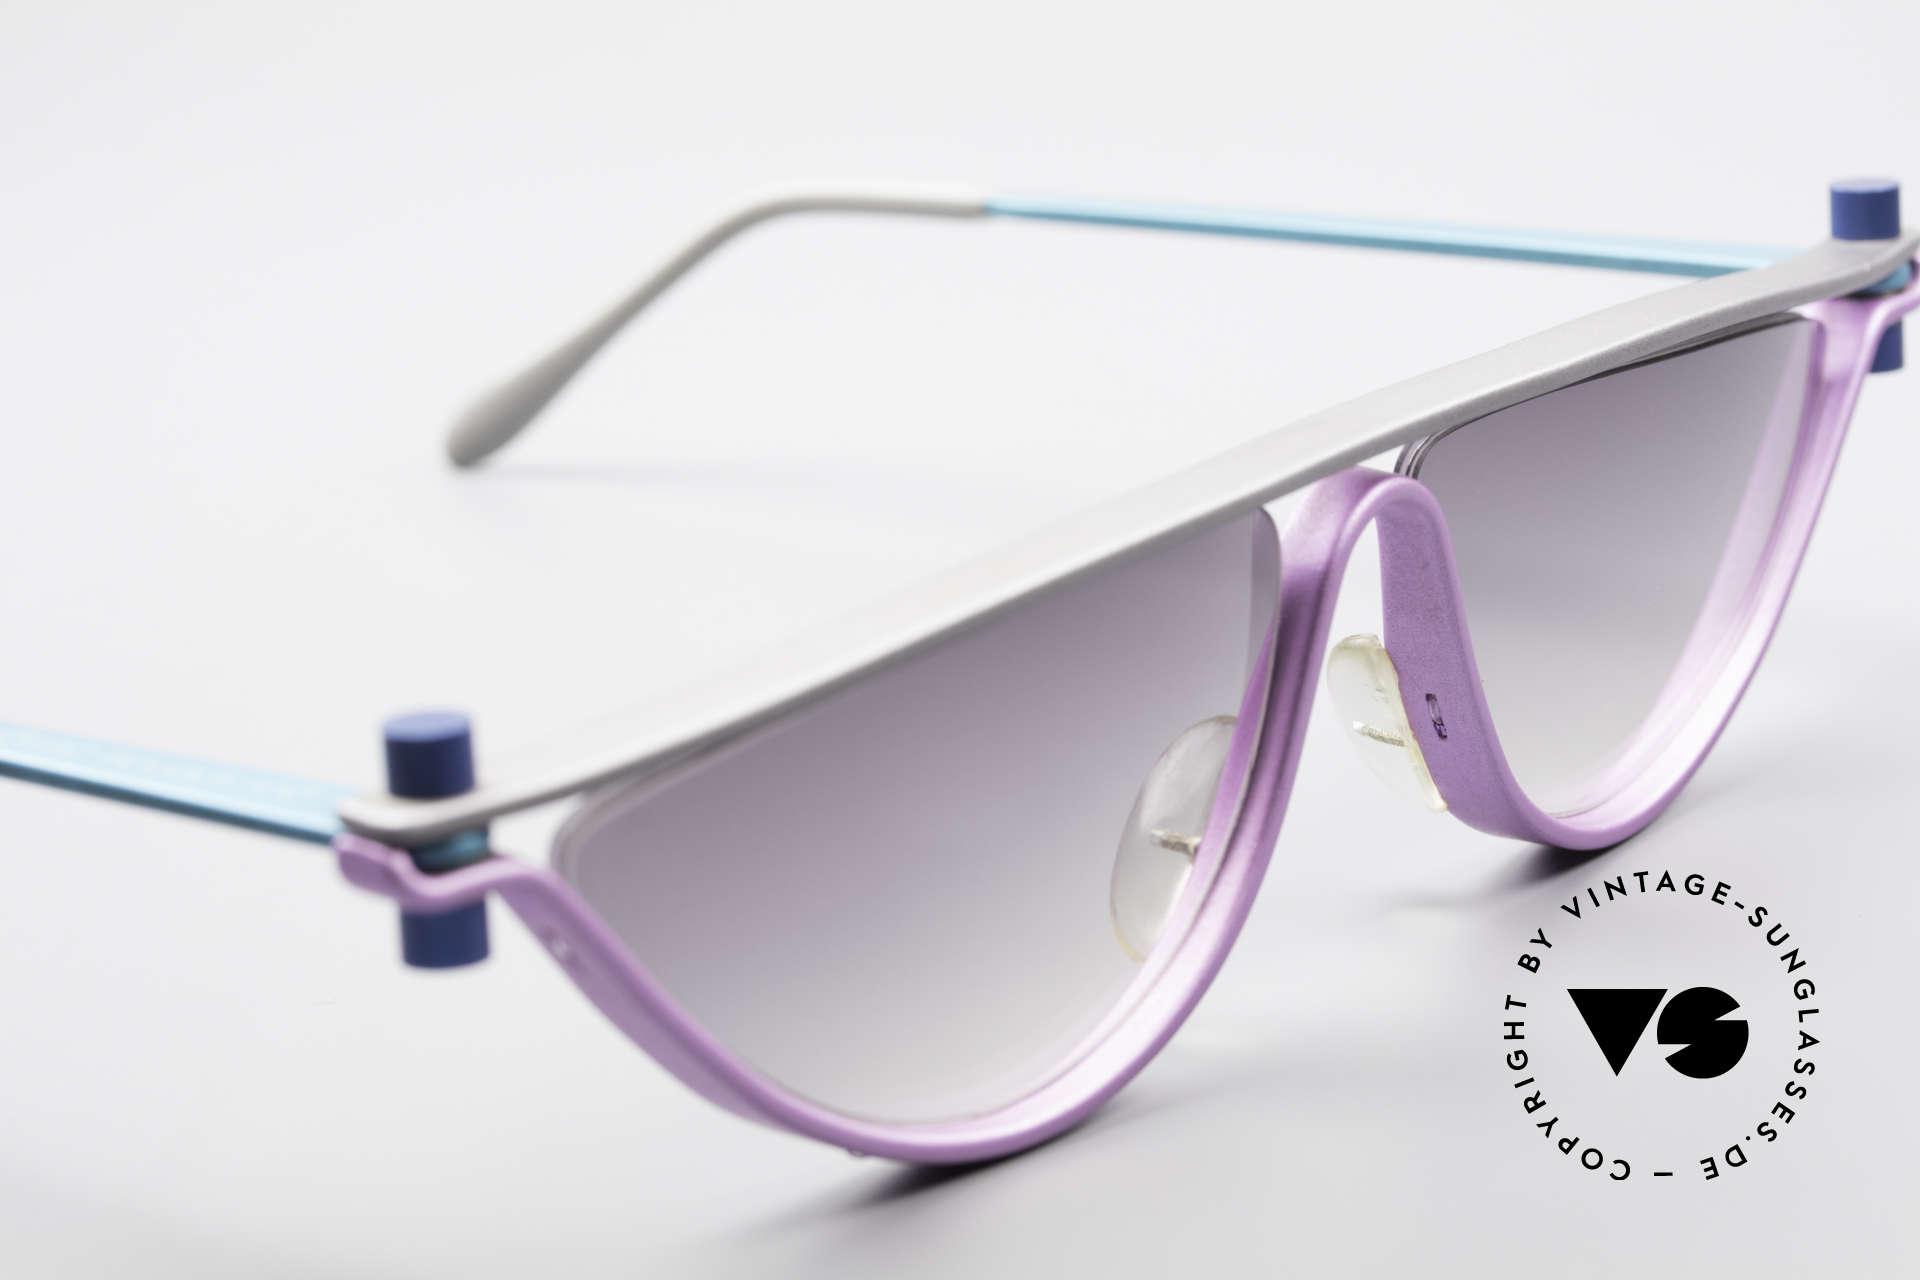 ProDesign No6 90er Vintage Filmsonnenbrille, dieses ungetragene N°6 Modell stammt von ca. '95, Passend für Damen